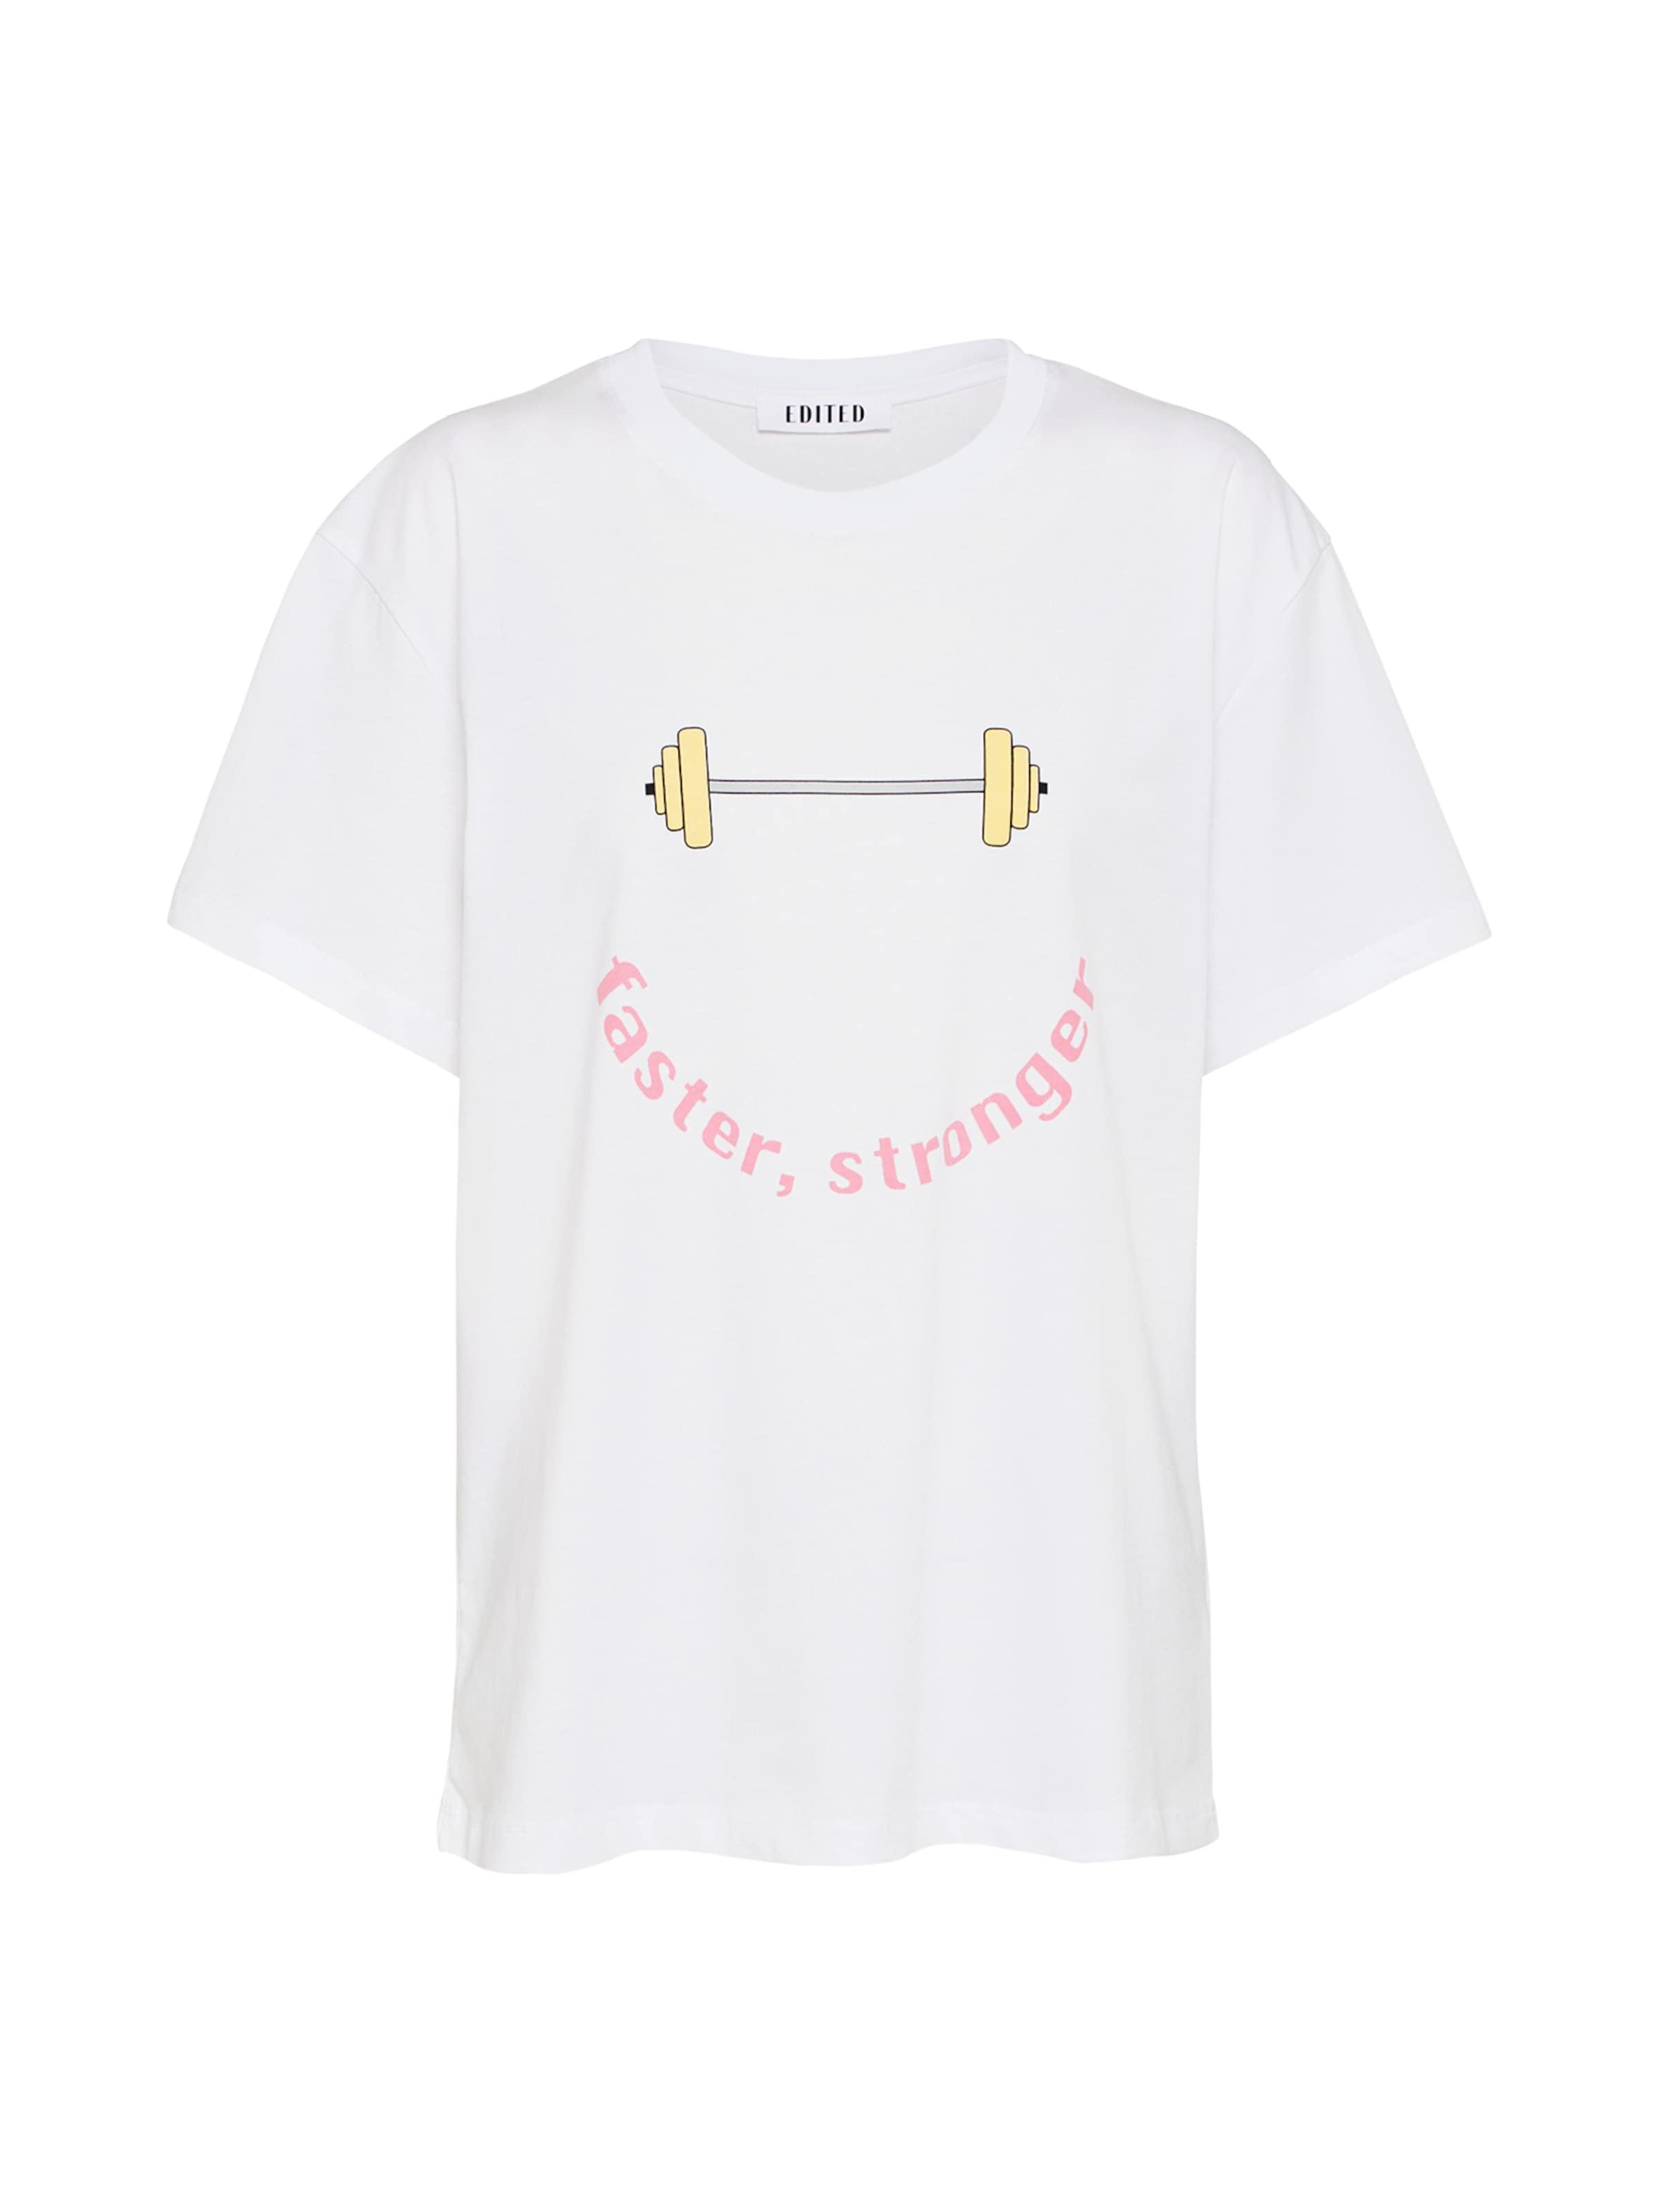 In Edited 'belma' shirt GelbPink T Weiß On08vmyNwP